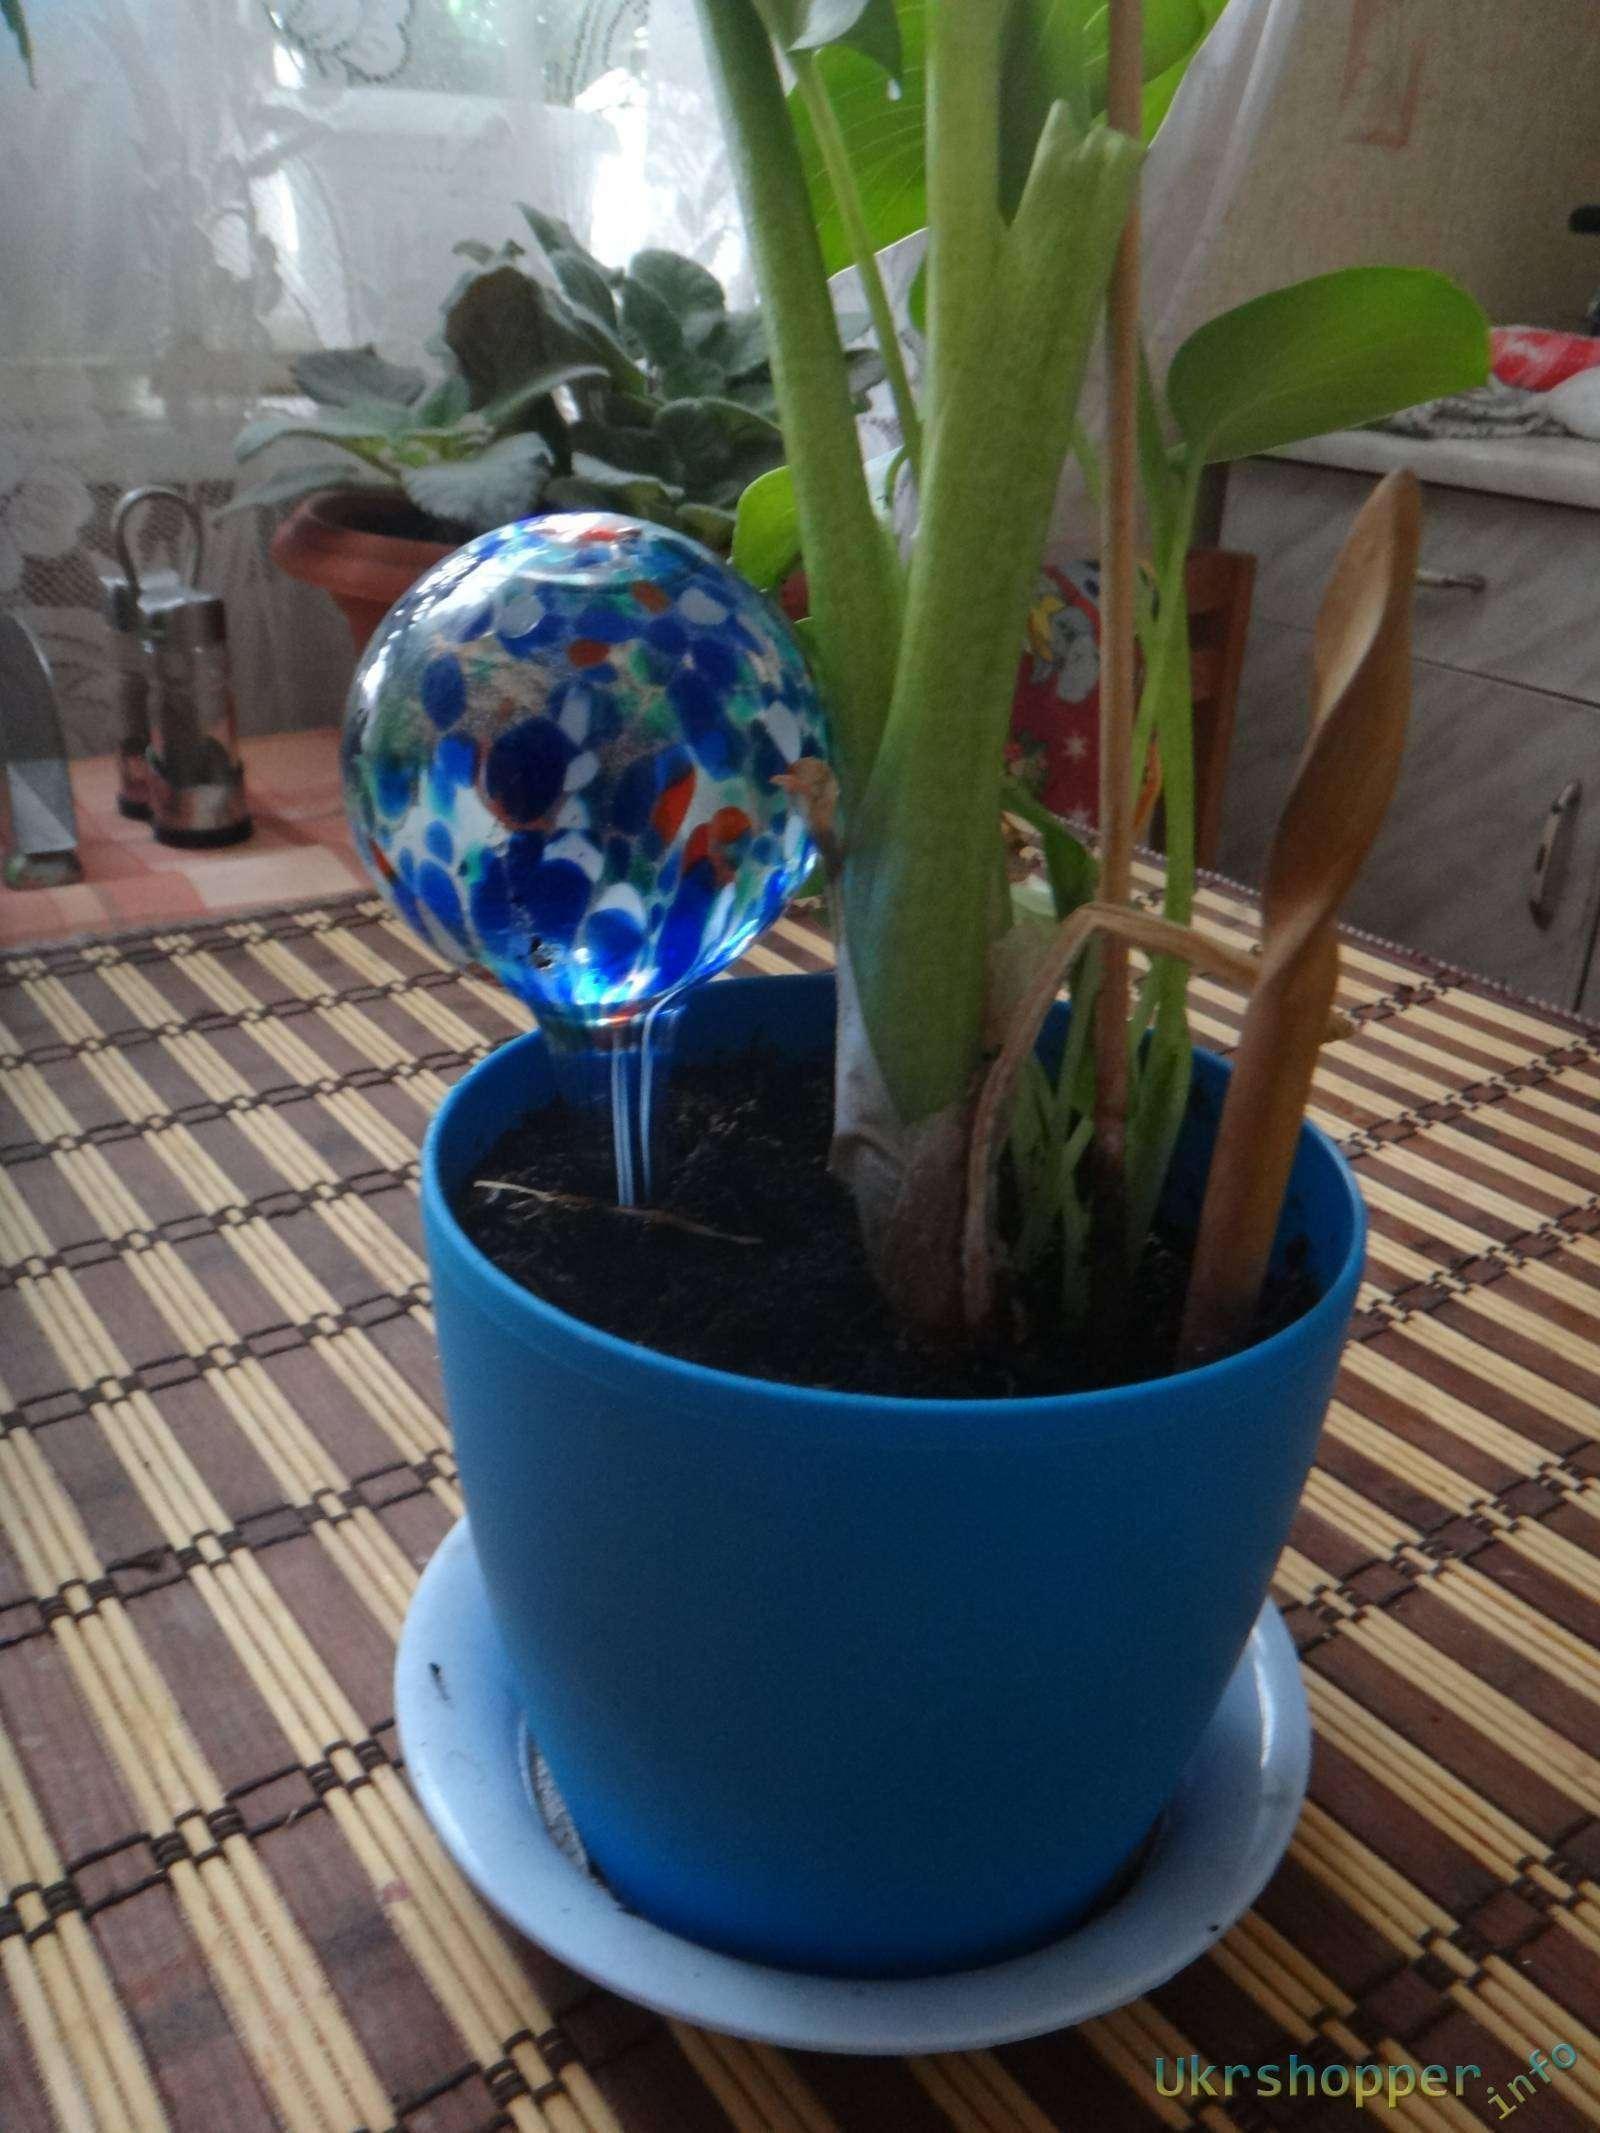 Leroy Merlin: Обзор о колбах для автоматического полива цветов Aqua Globes